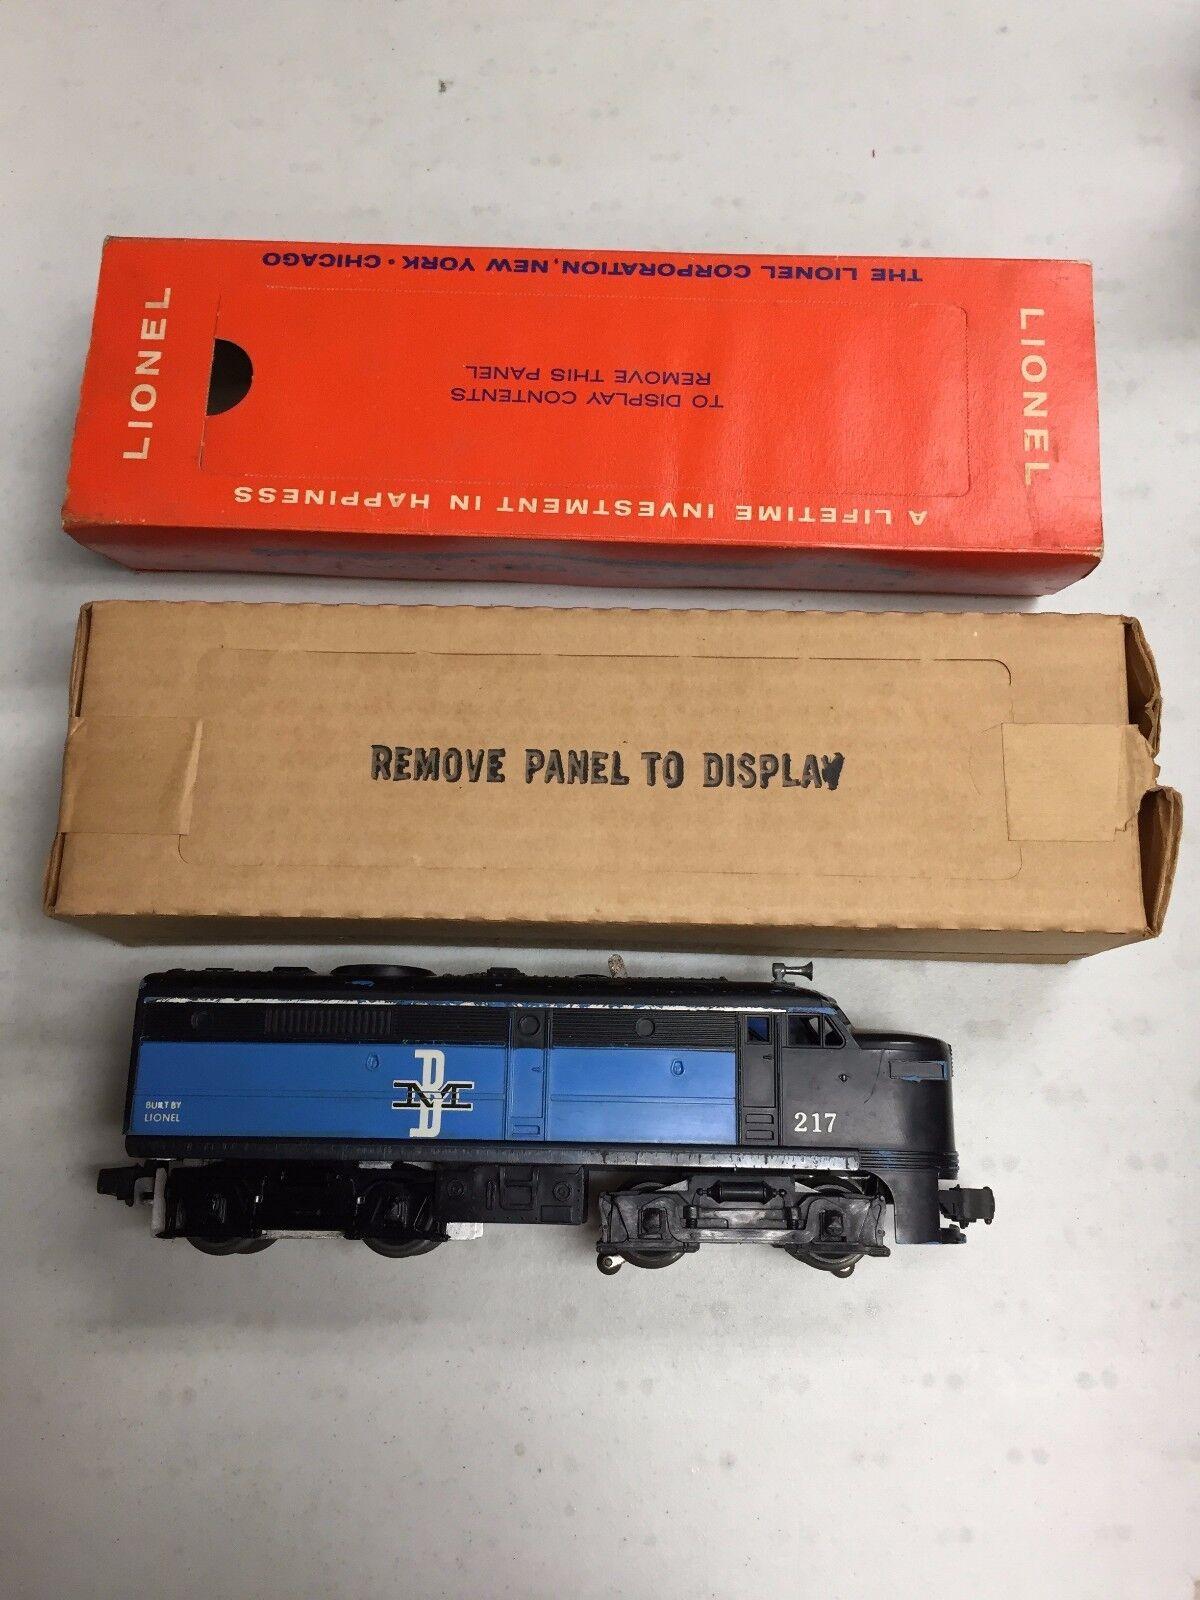 LIONEL BOSTON & MAINE ALCO 217 DIESEL ENGINE W/ RARE  ORIGINAL BOX